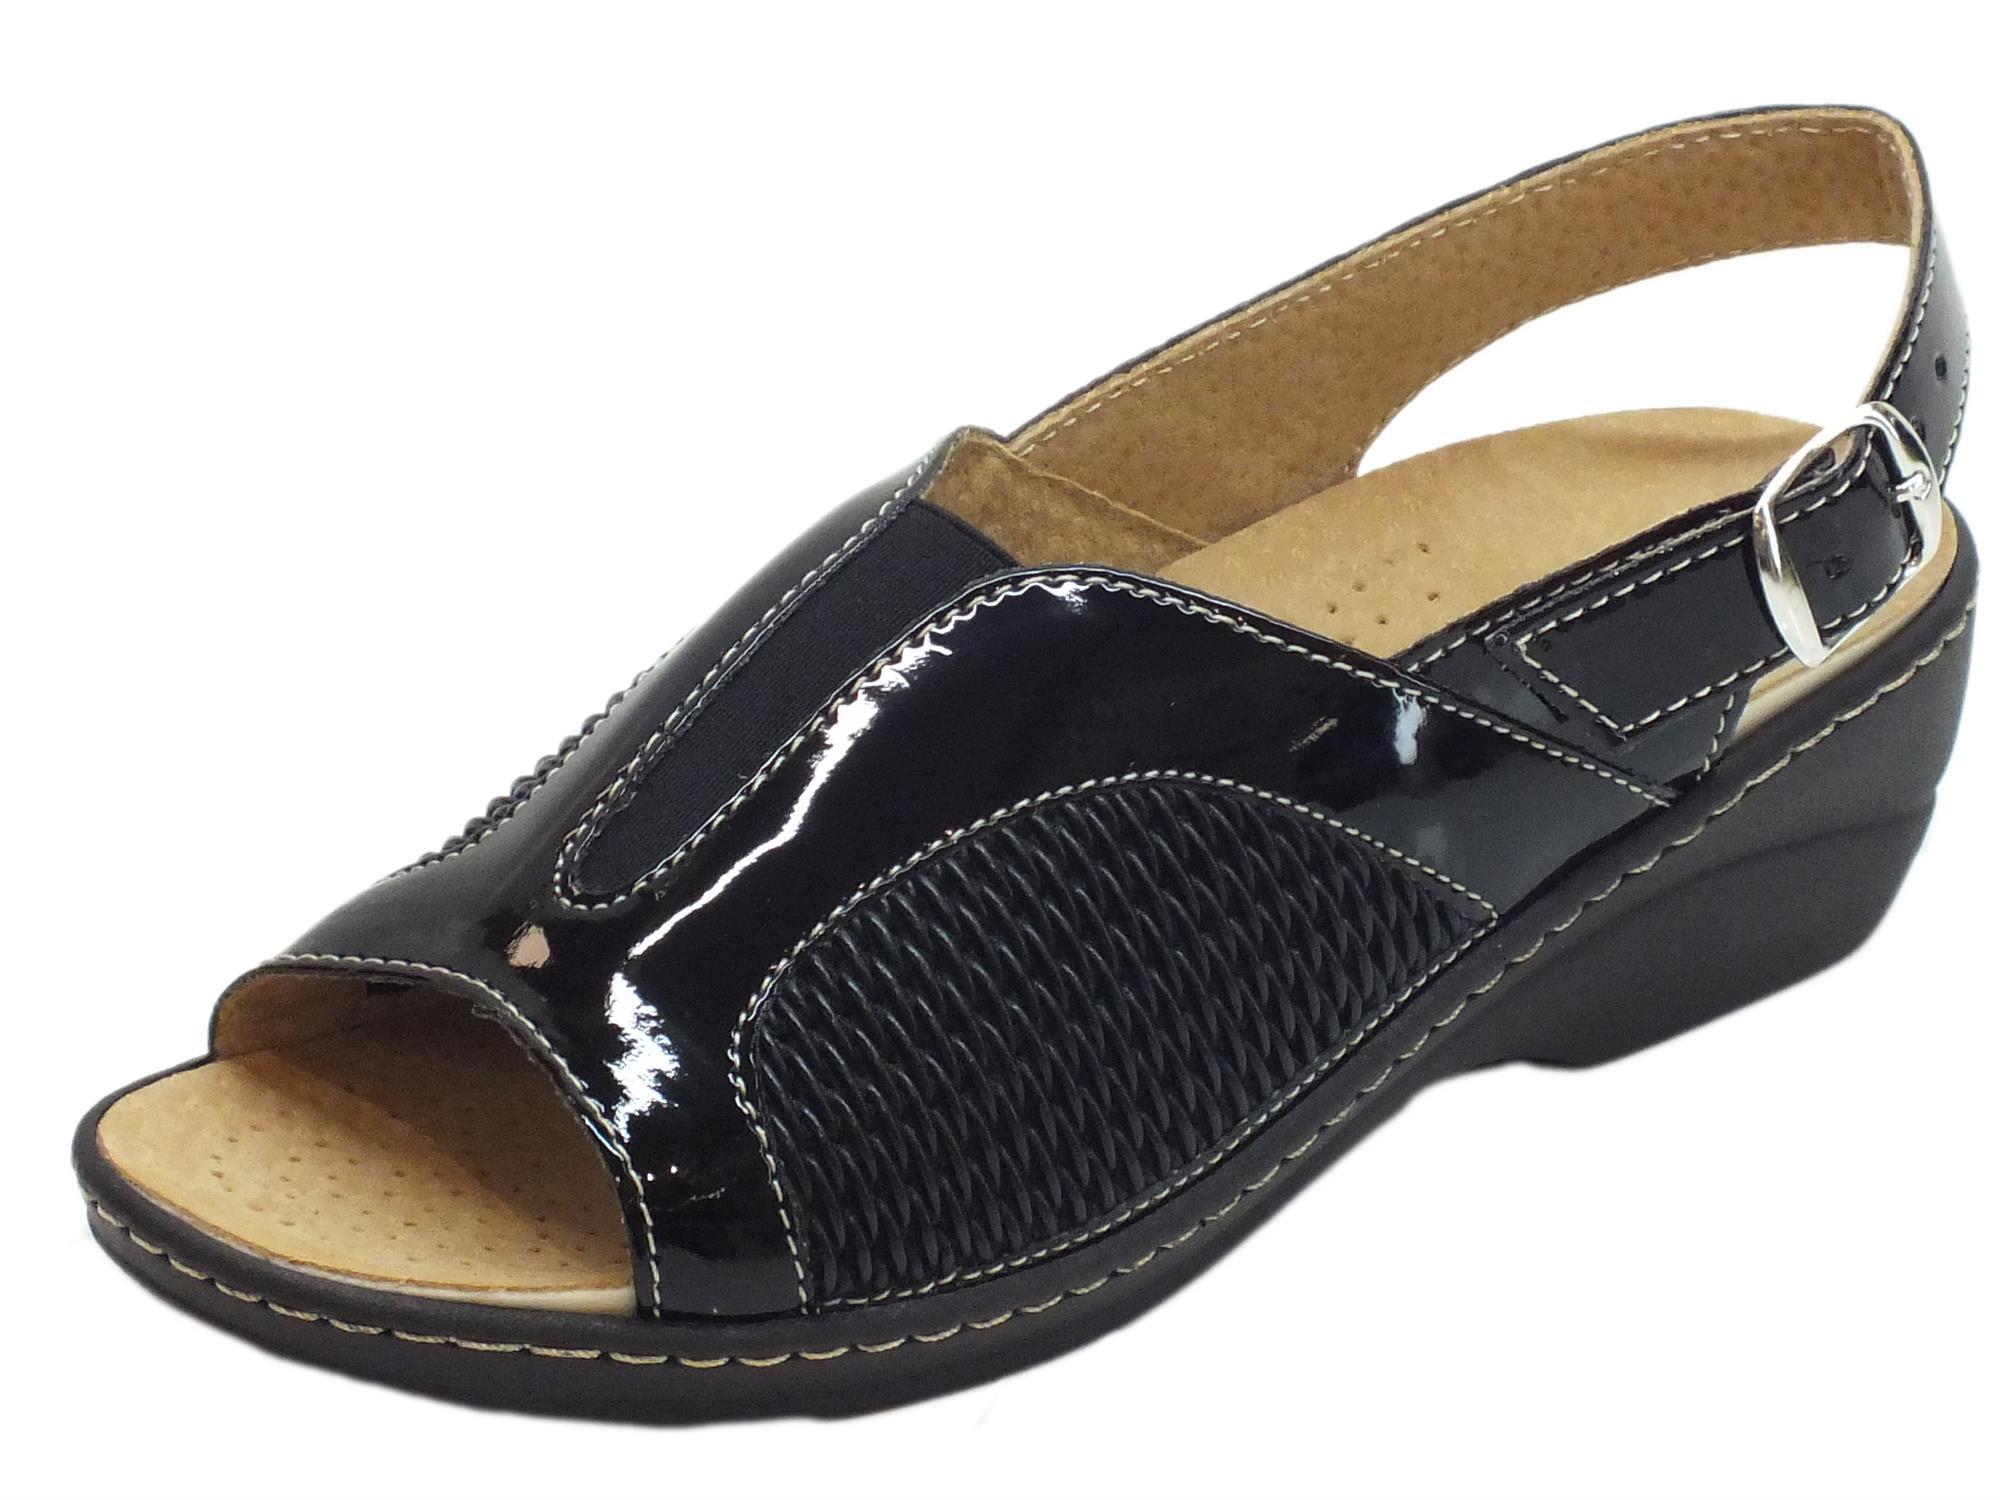 Sandali Cinzia Soft in vernice e tessuto elasticizzato nero sottopiede  estraibile ee195b34f6d